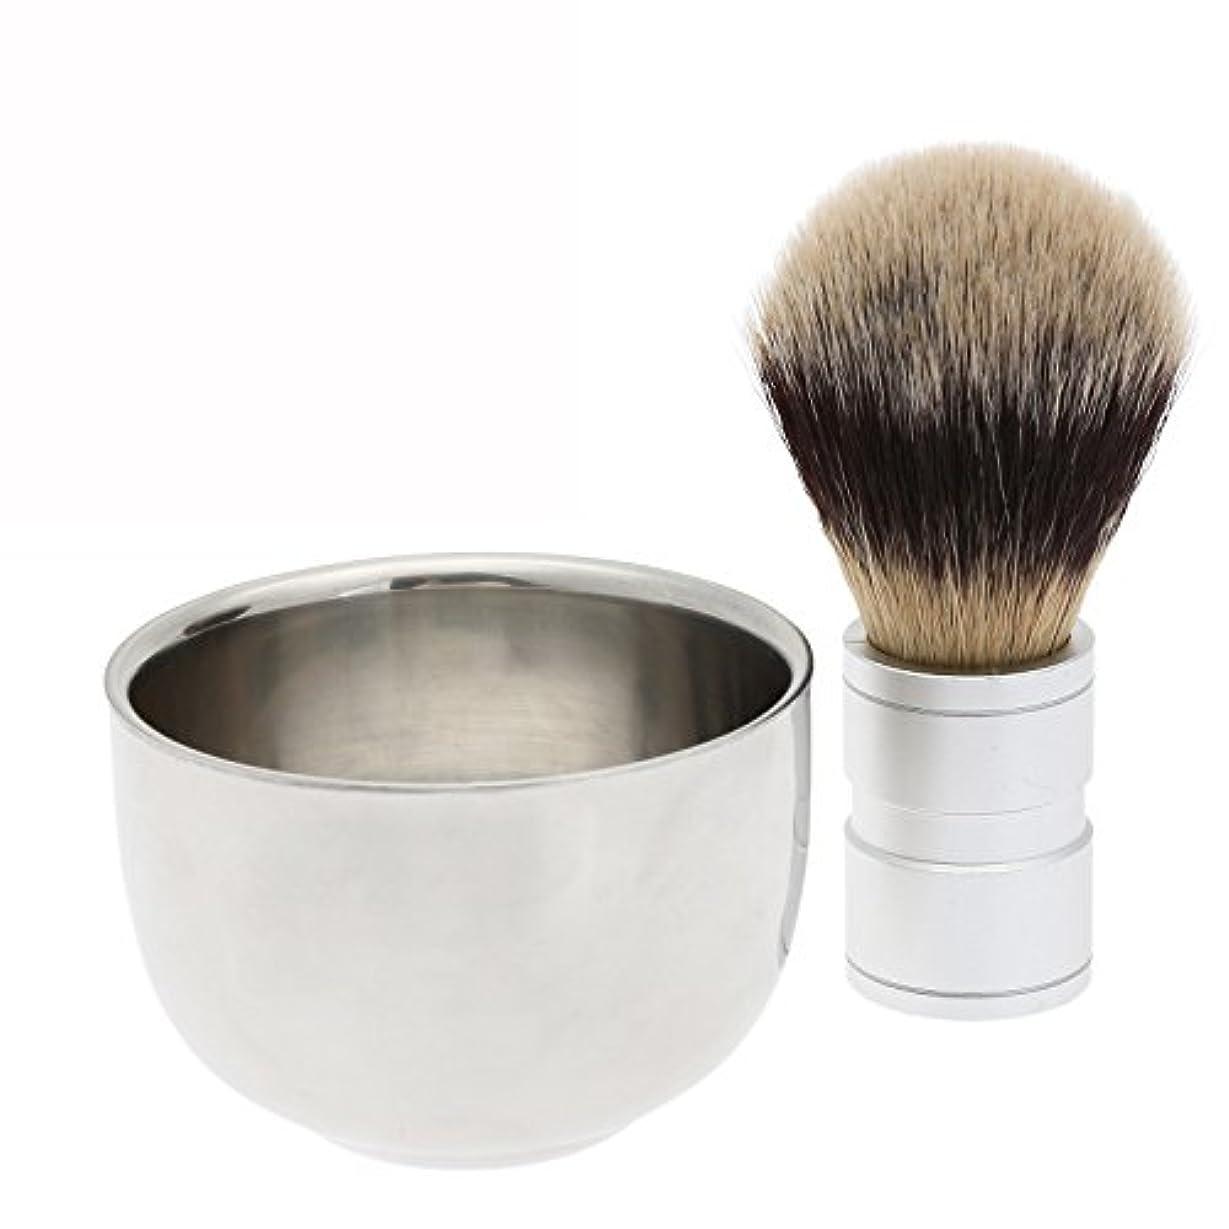 改善恵みインストラクター2PC/セット メンズシェービング用 シェービングブラシ +ステンレス鋼のボウルマグカップ ギフト 理容 洗顔 髭剃り